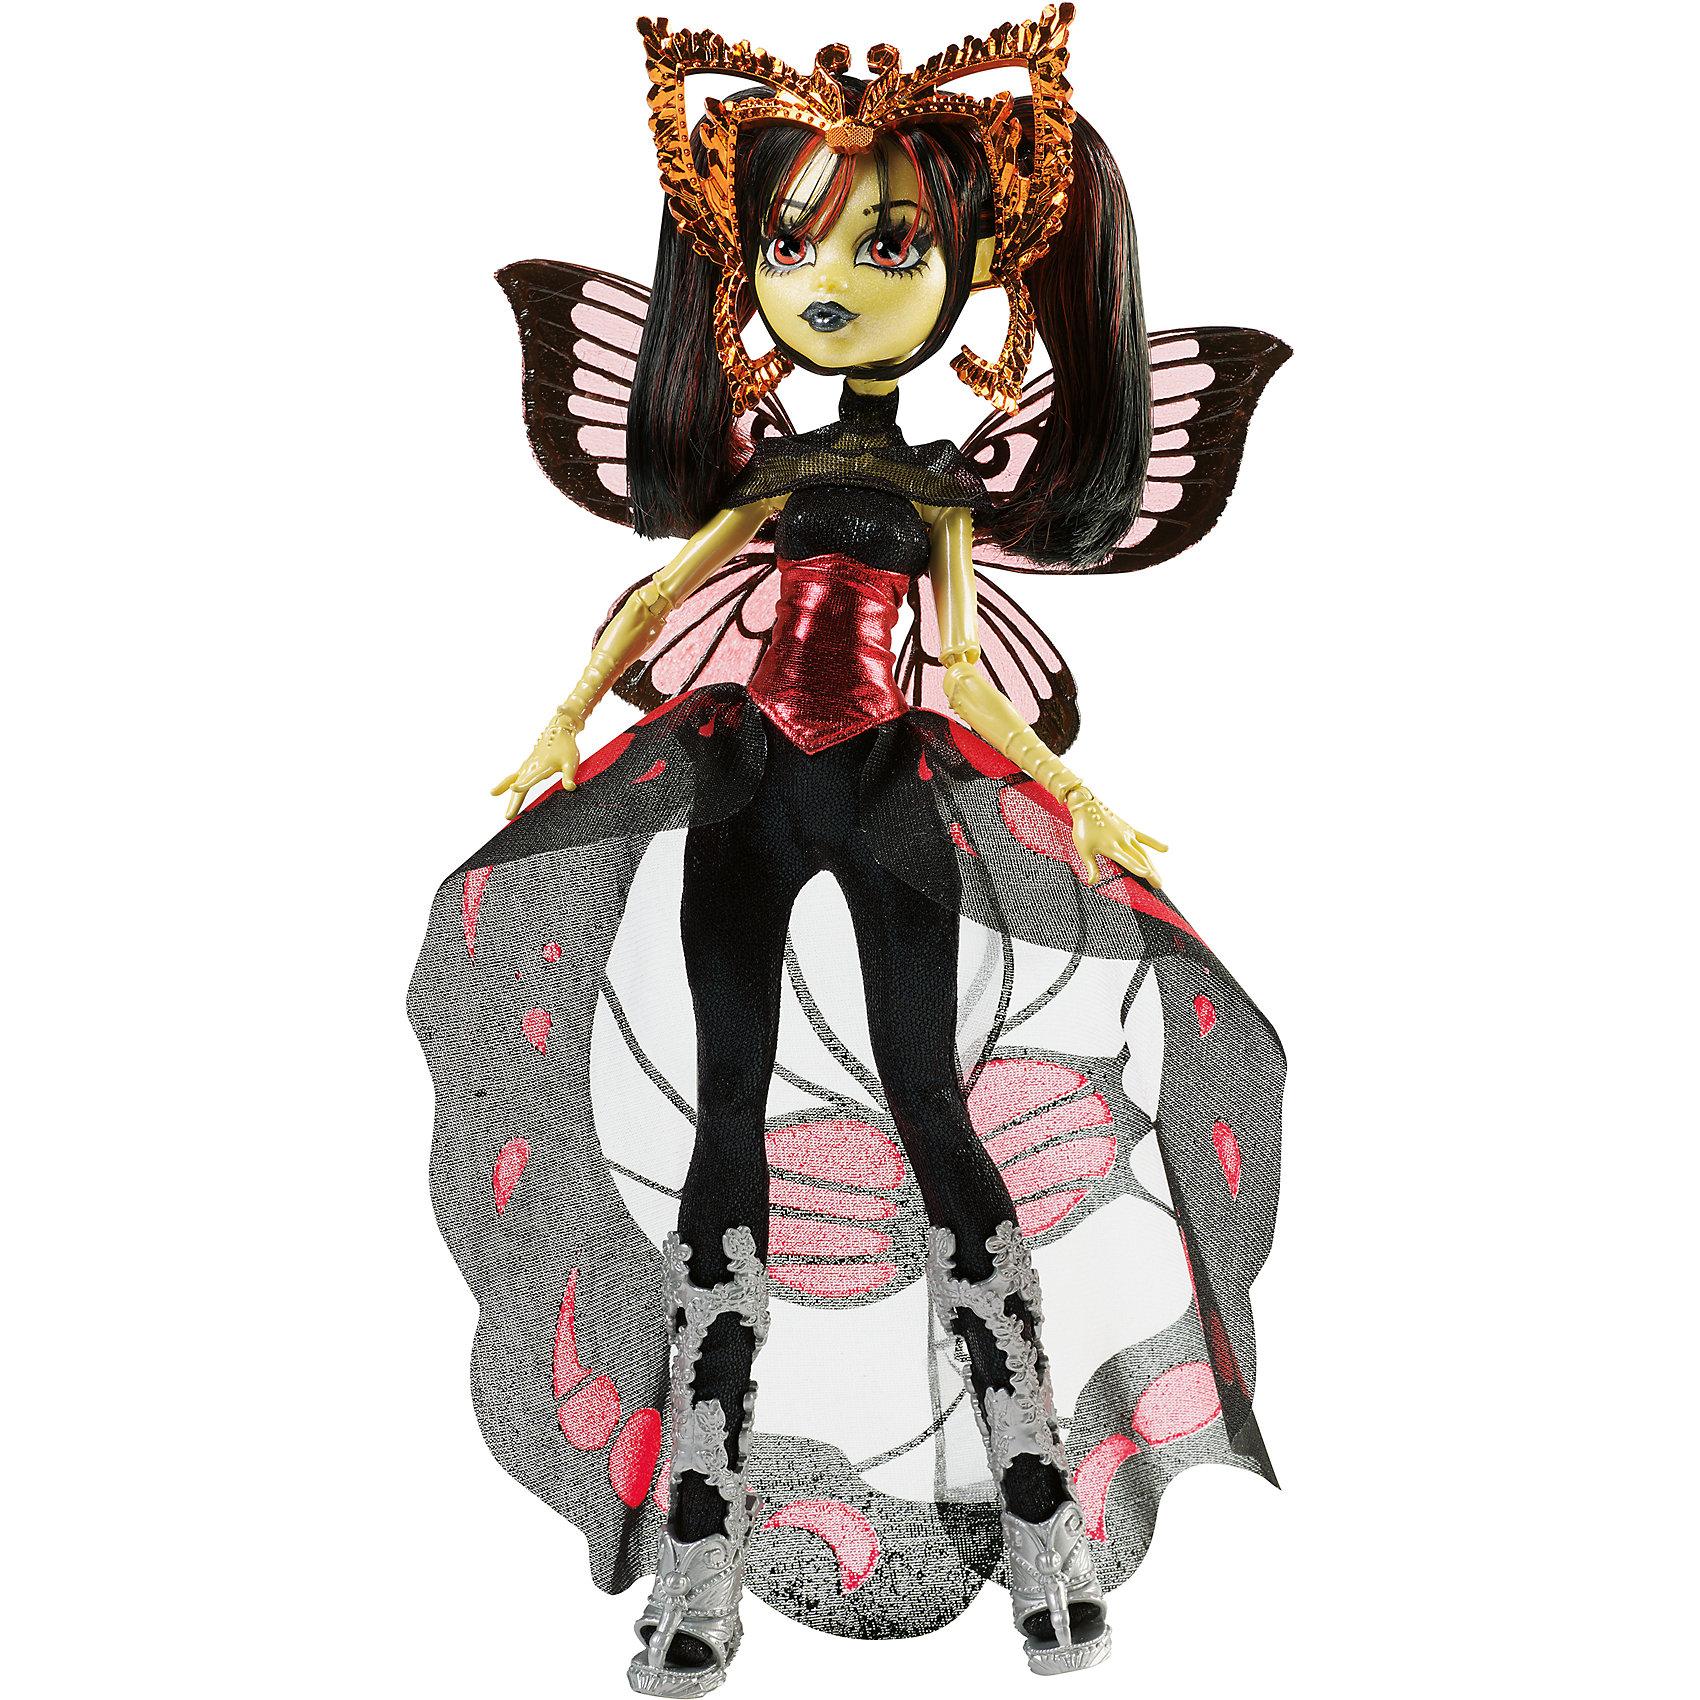 Кукла Луна Мотьюз Boo York, Monster HighLuna Mothews - яркая дочка человека-мотылька. Девочку притягивают сцена и слава. Она обожает играть различные роли и, конечно, танцевать. Луна не любит рано вставать, зато прекрасно разбирается в моде и стиле. Девочка блистает в готическом комбинезоне с длинным полупрозрачным шлейфом, удачно дополненном ее очаровательными крылышками и ободком с усиками. Собери всех кукол Monster High (Монстр Хай) из серии «Boo York» и устрой свою сногсшибательную вечеринку! <br><br>Дополнительная информация:<br><br>- Высота куклы: 27 см.<br>- Голова, ноги, руки подвижные (шарнирные).<br>- Комплектация: кукла, одежда, расческа, подставка, дневник. <br>- Материал: пластик, текстиль.<br><br>Куклу Луна Мотьюз Boo York, Monster High (Школа монстров), можно купить в нашем магазине.<br><br>Ширина мм: 329<br>Глубина мм: 230<br>Высота мм: 69<br>Вес г: 309<br>Возраст от месяцев: 72<br>Возраст до месяцев: 120<br>Пол: Женский<br>Возраст: Детский<br>SKU: 4132330